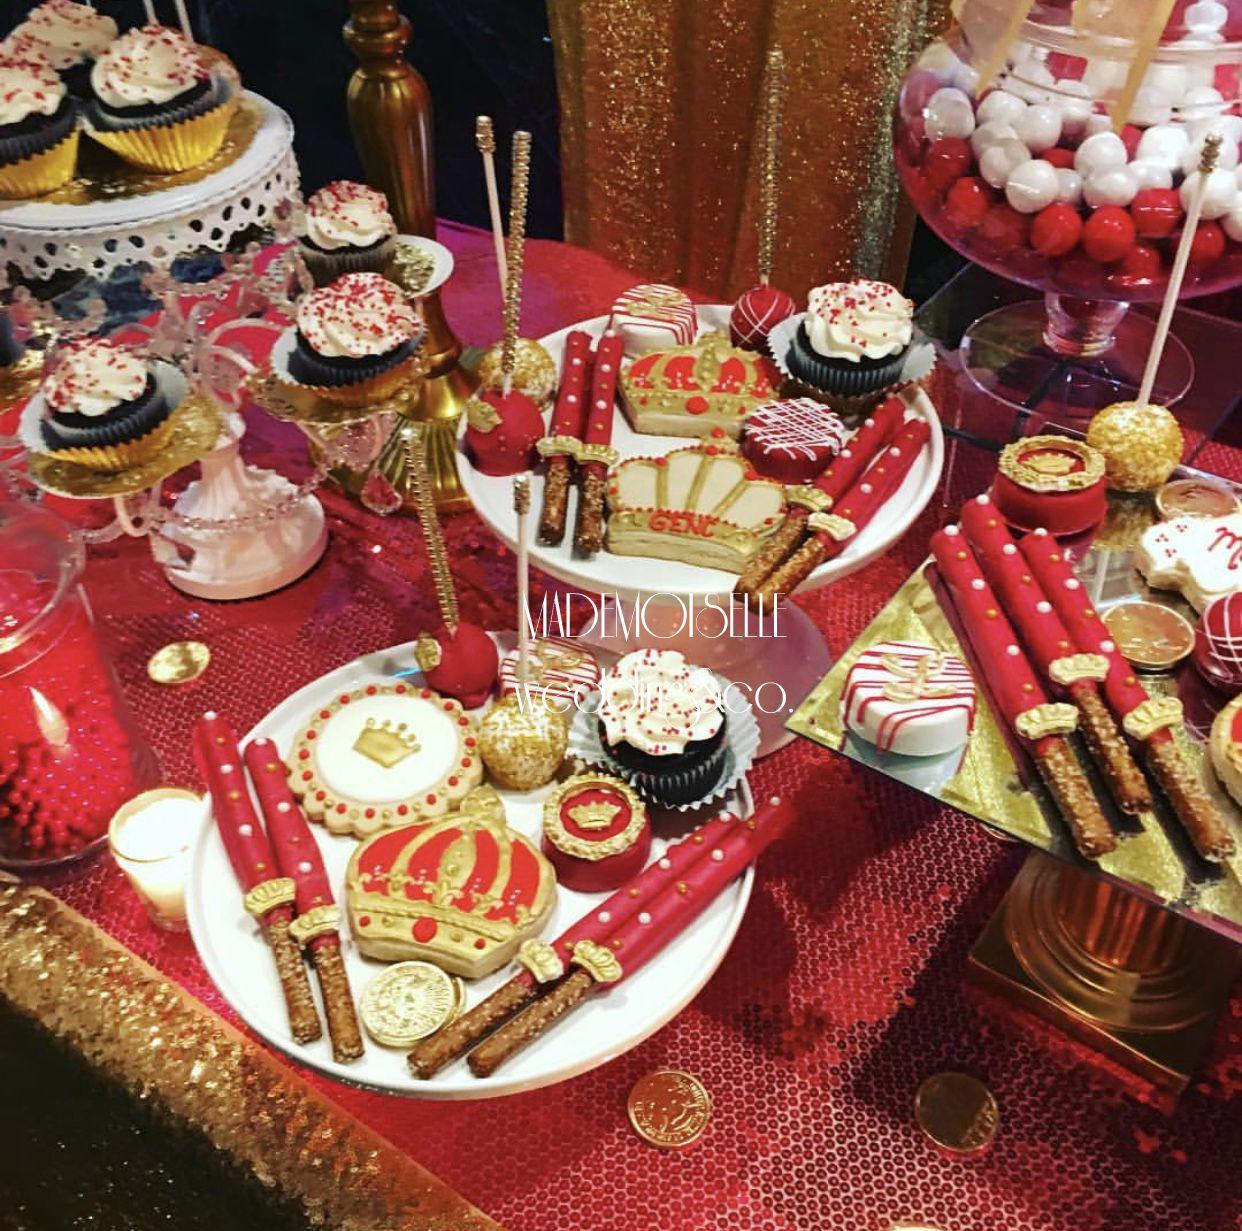 IMG_E4538-slatki sto-dekoracija rodjendana-dekoracija za svadbe-kolacici-crveno zlatna dekoracija slatkog stola